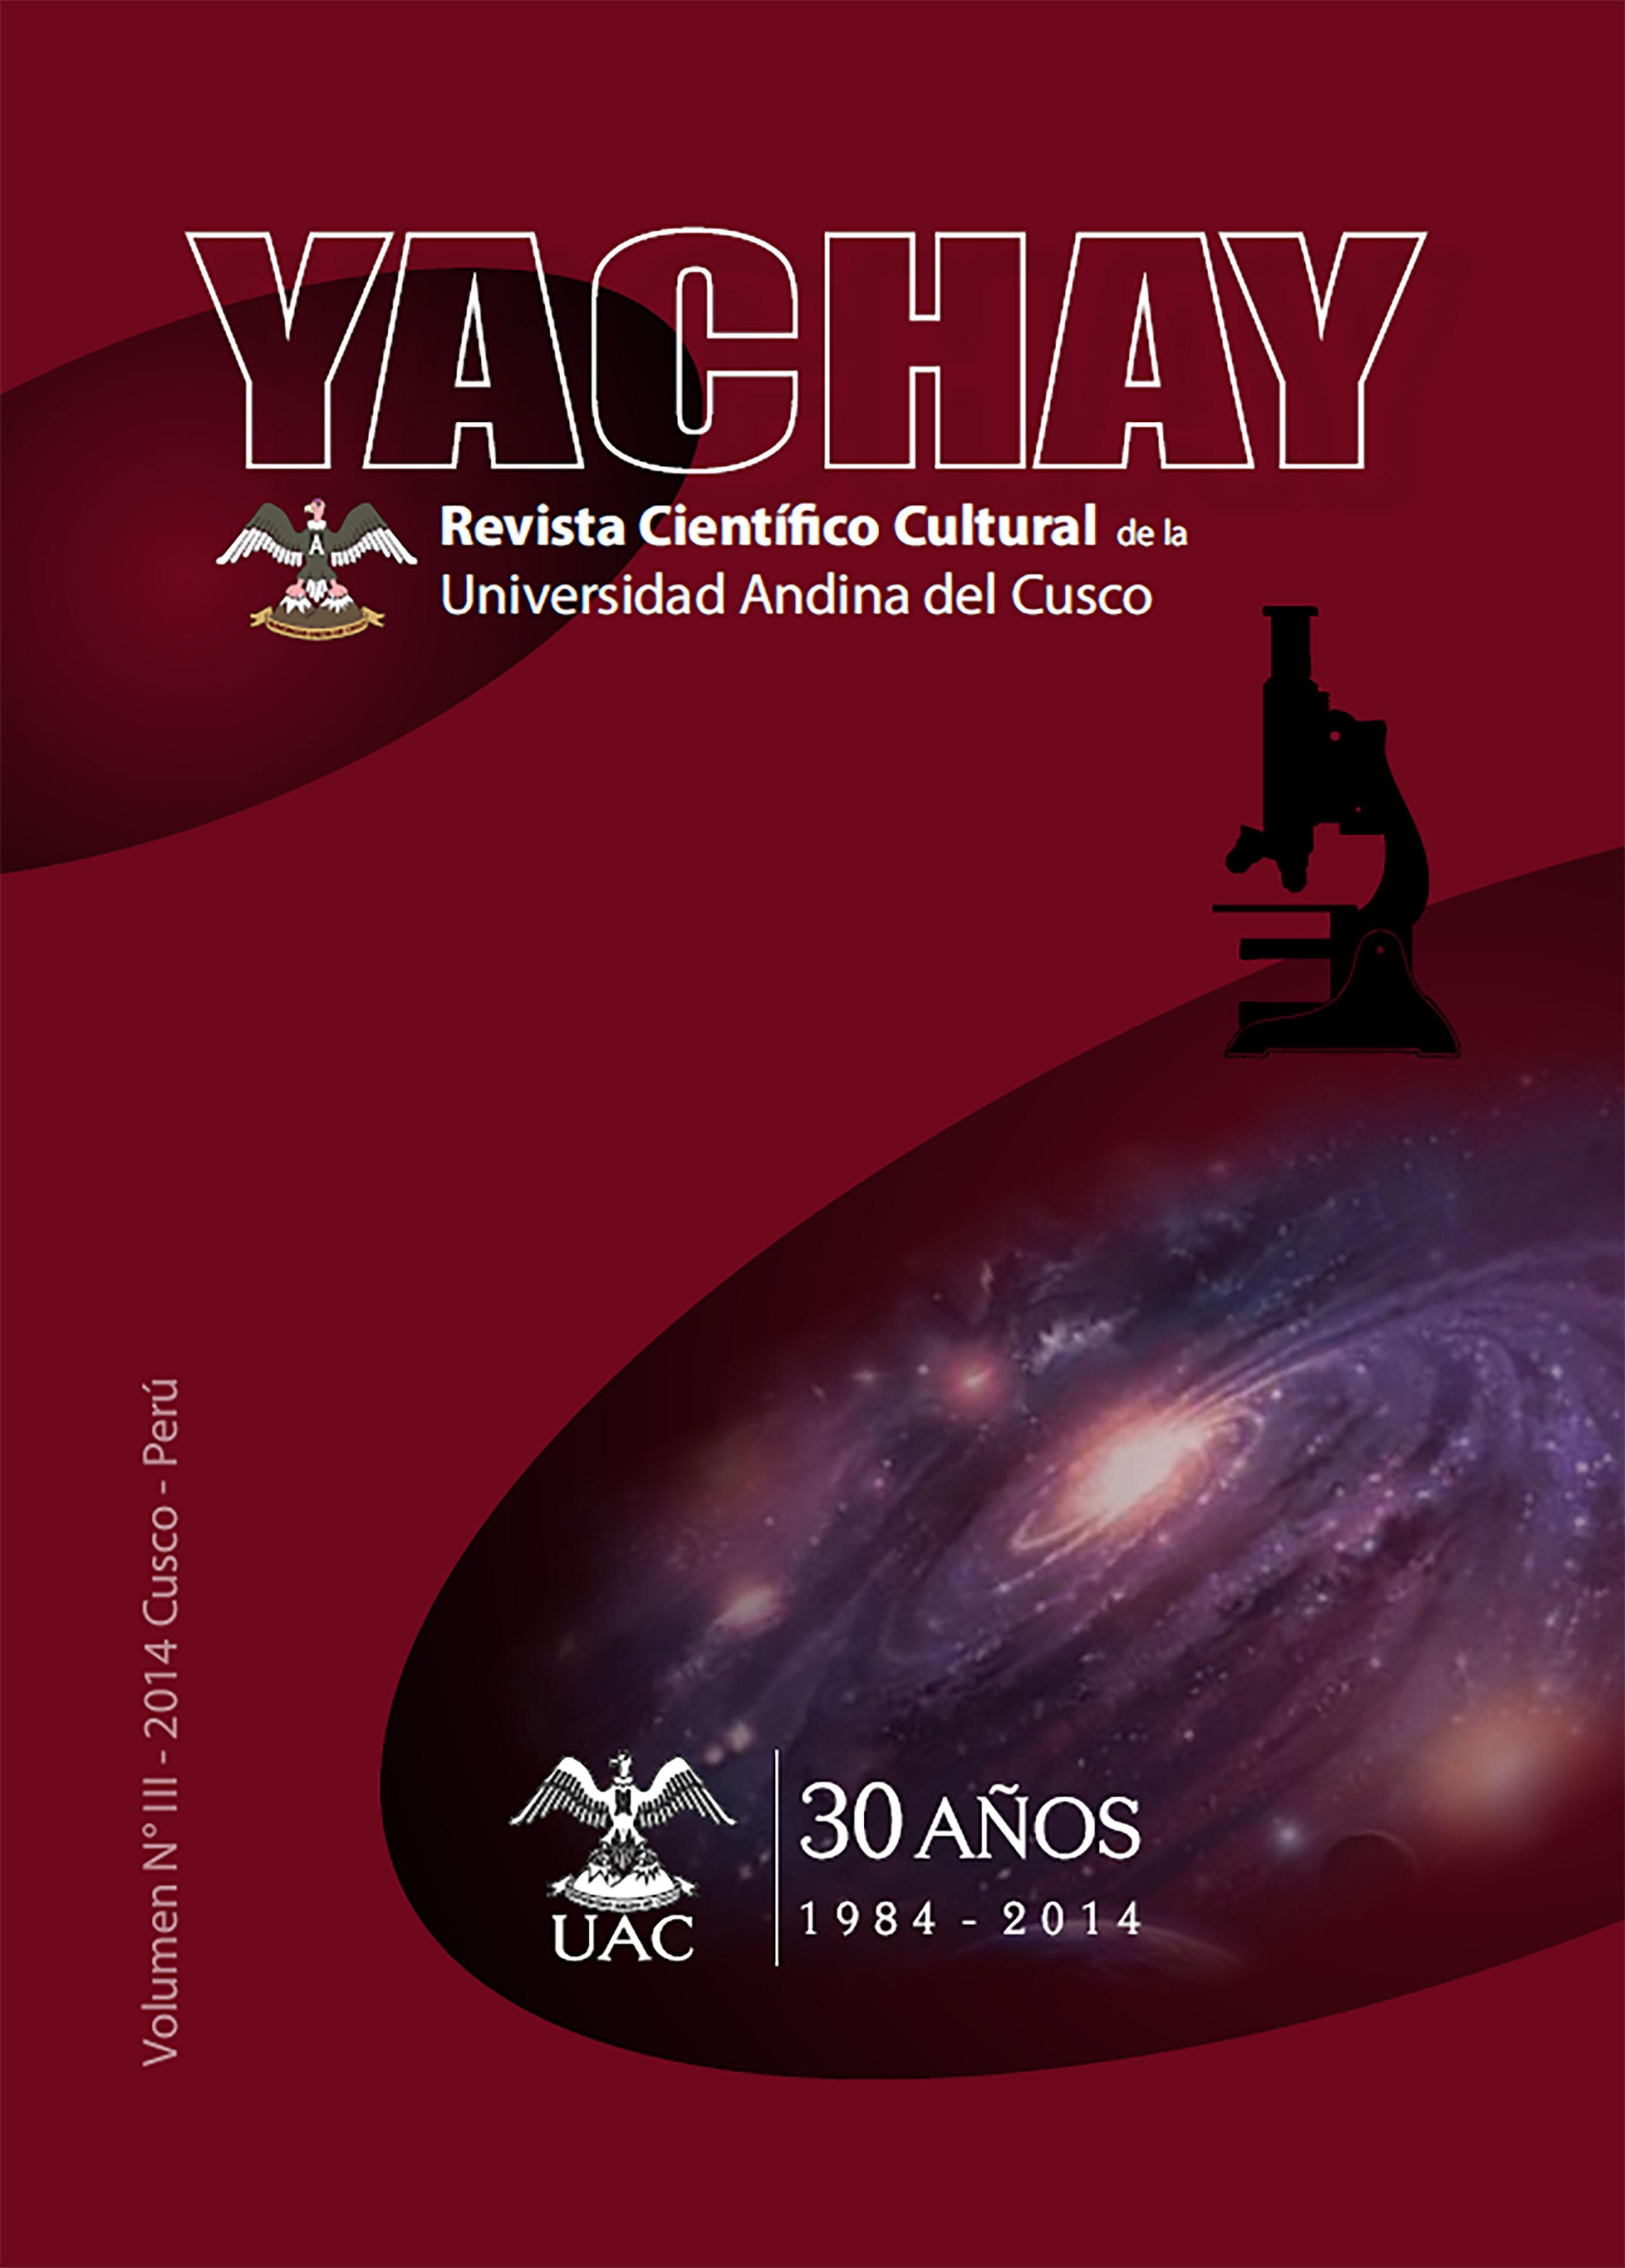 Yachay Revista científico cultural 2014 (publicación retroactiva)